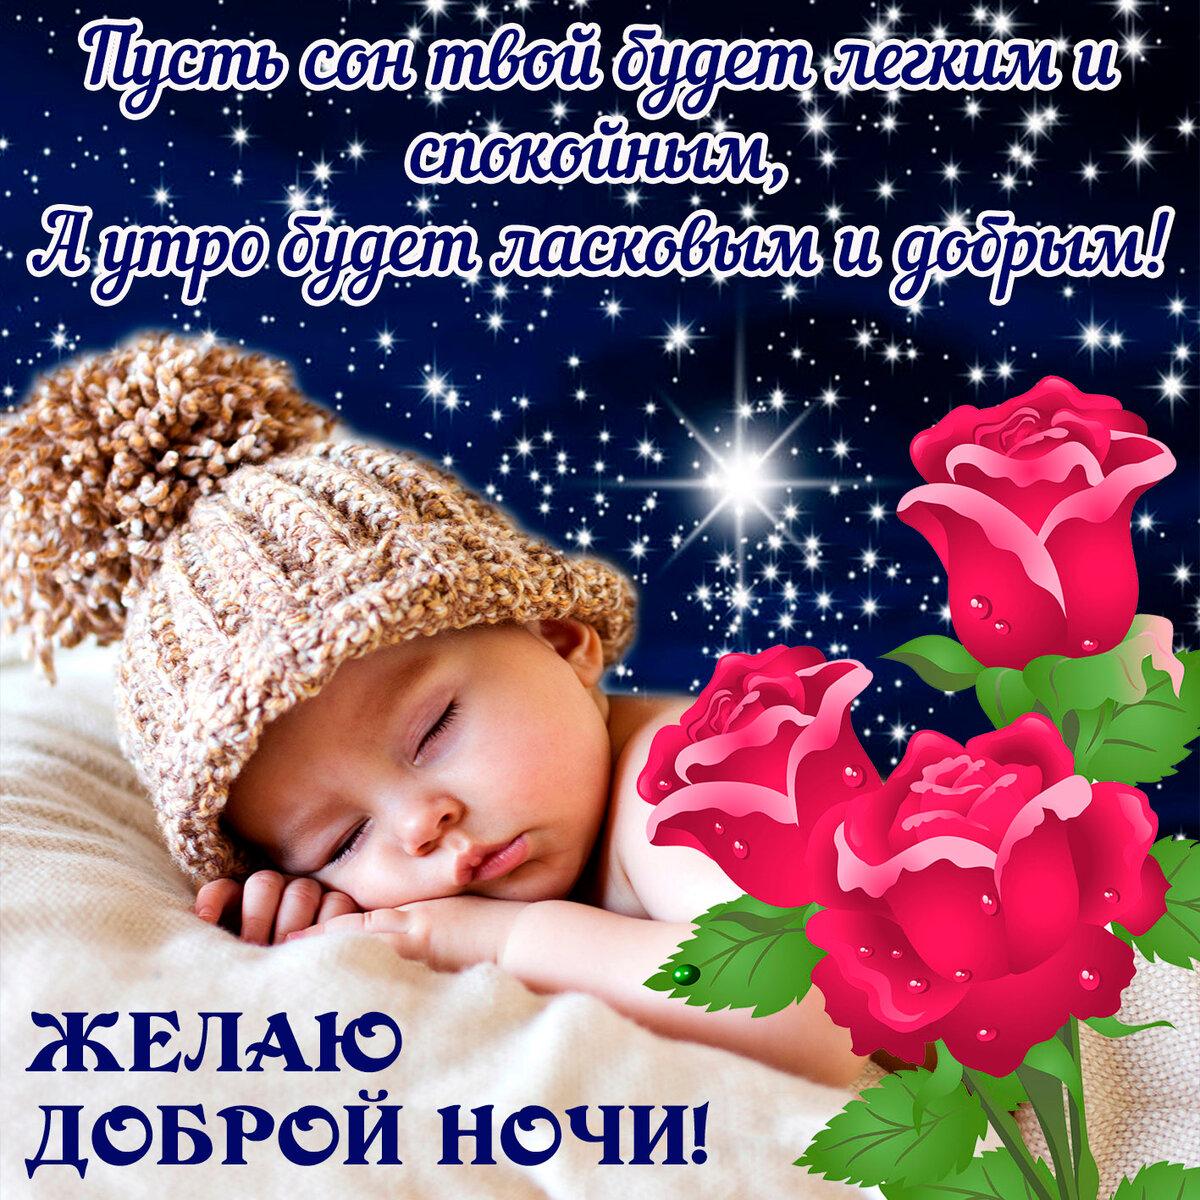 Красивые открытки с пожеланиями спокойной ночи женщине